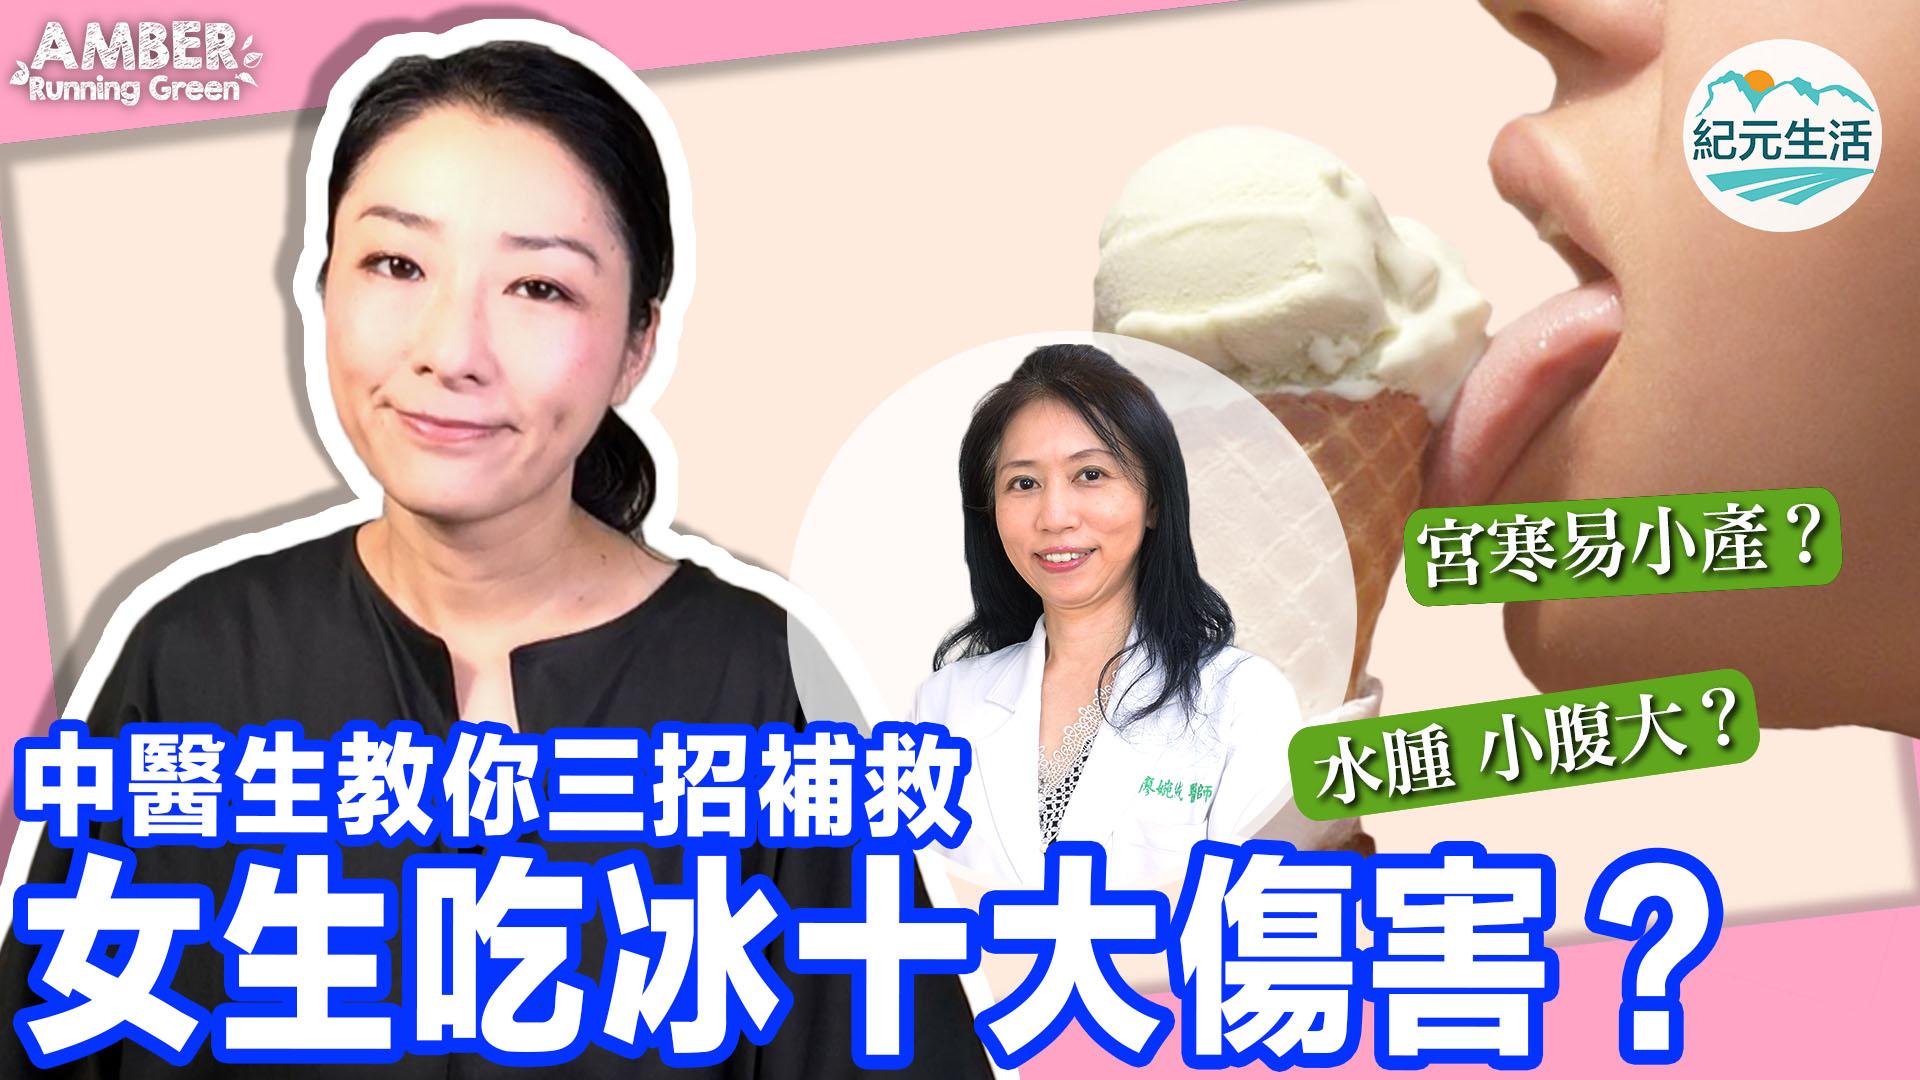 台灣御絨中醫診所廖婉絨醫師分析女生吃冰十大傷害,再教大家三招補救妙法,減少冰寒傷身,還能祛濕、消暑。(紀元生活製圖)